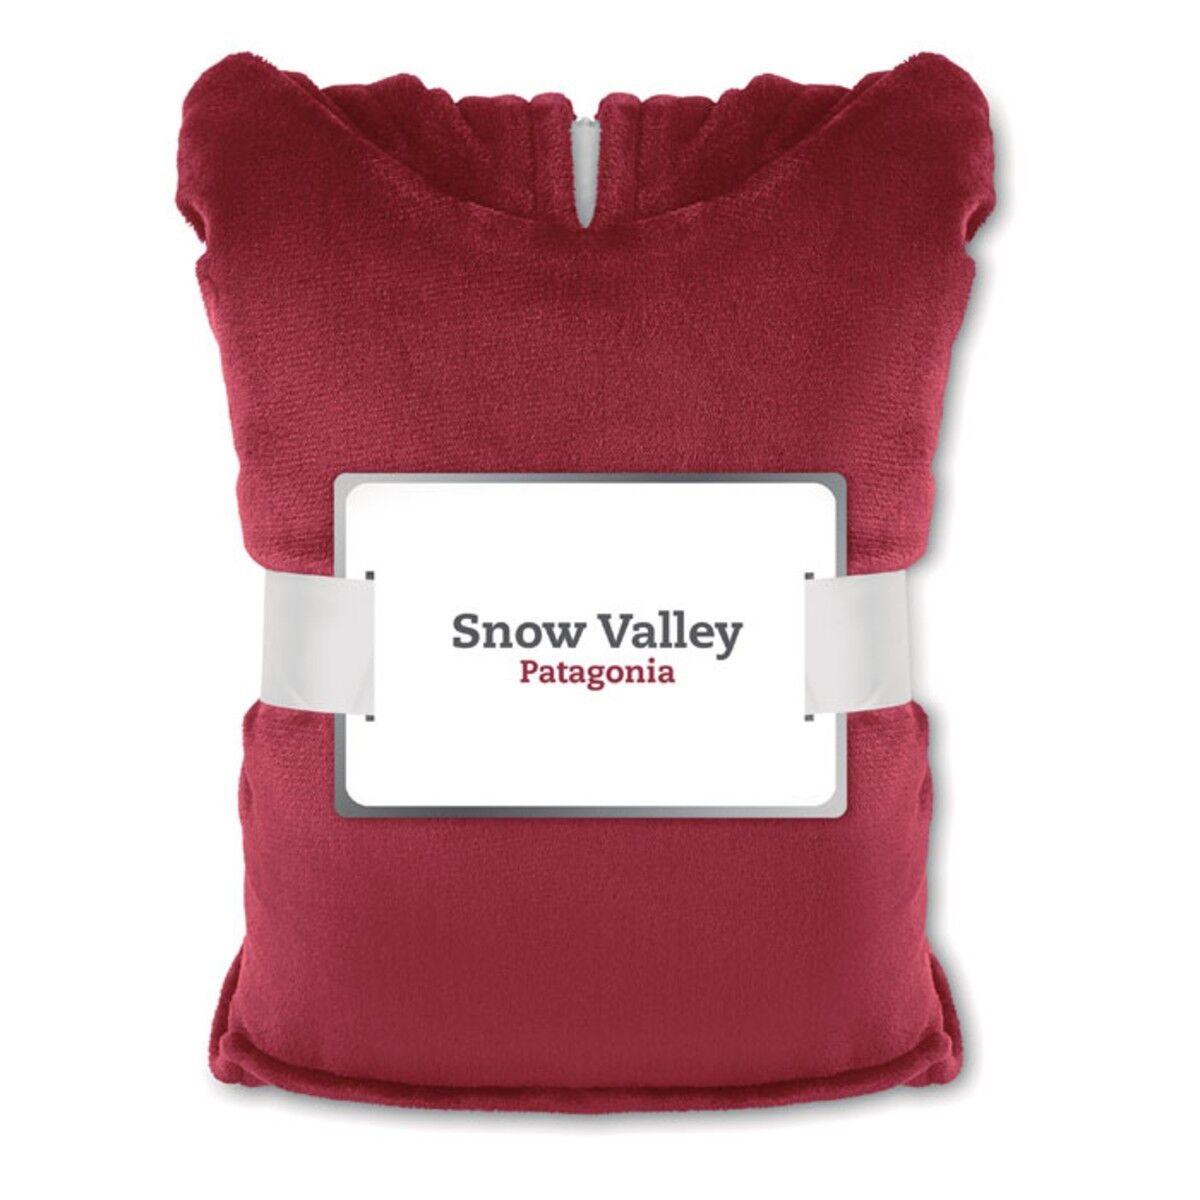 Blanket Sweatshirt in Burgundy colour w/printed card